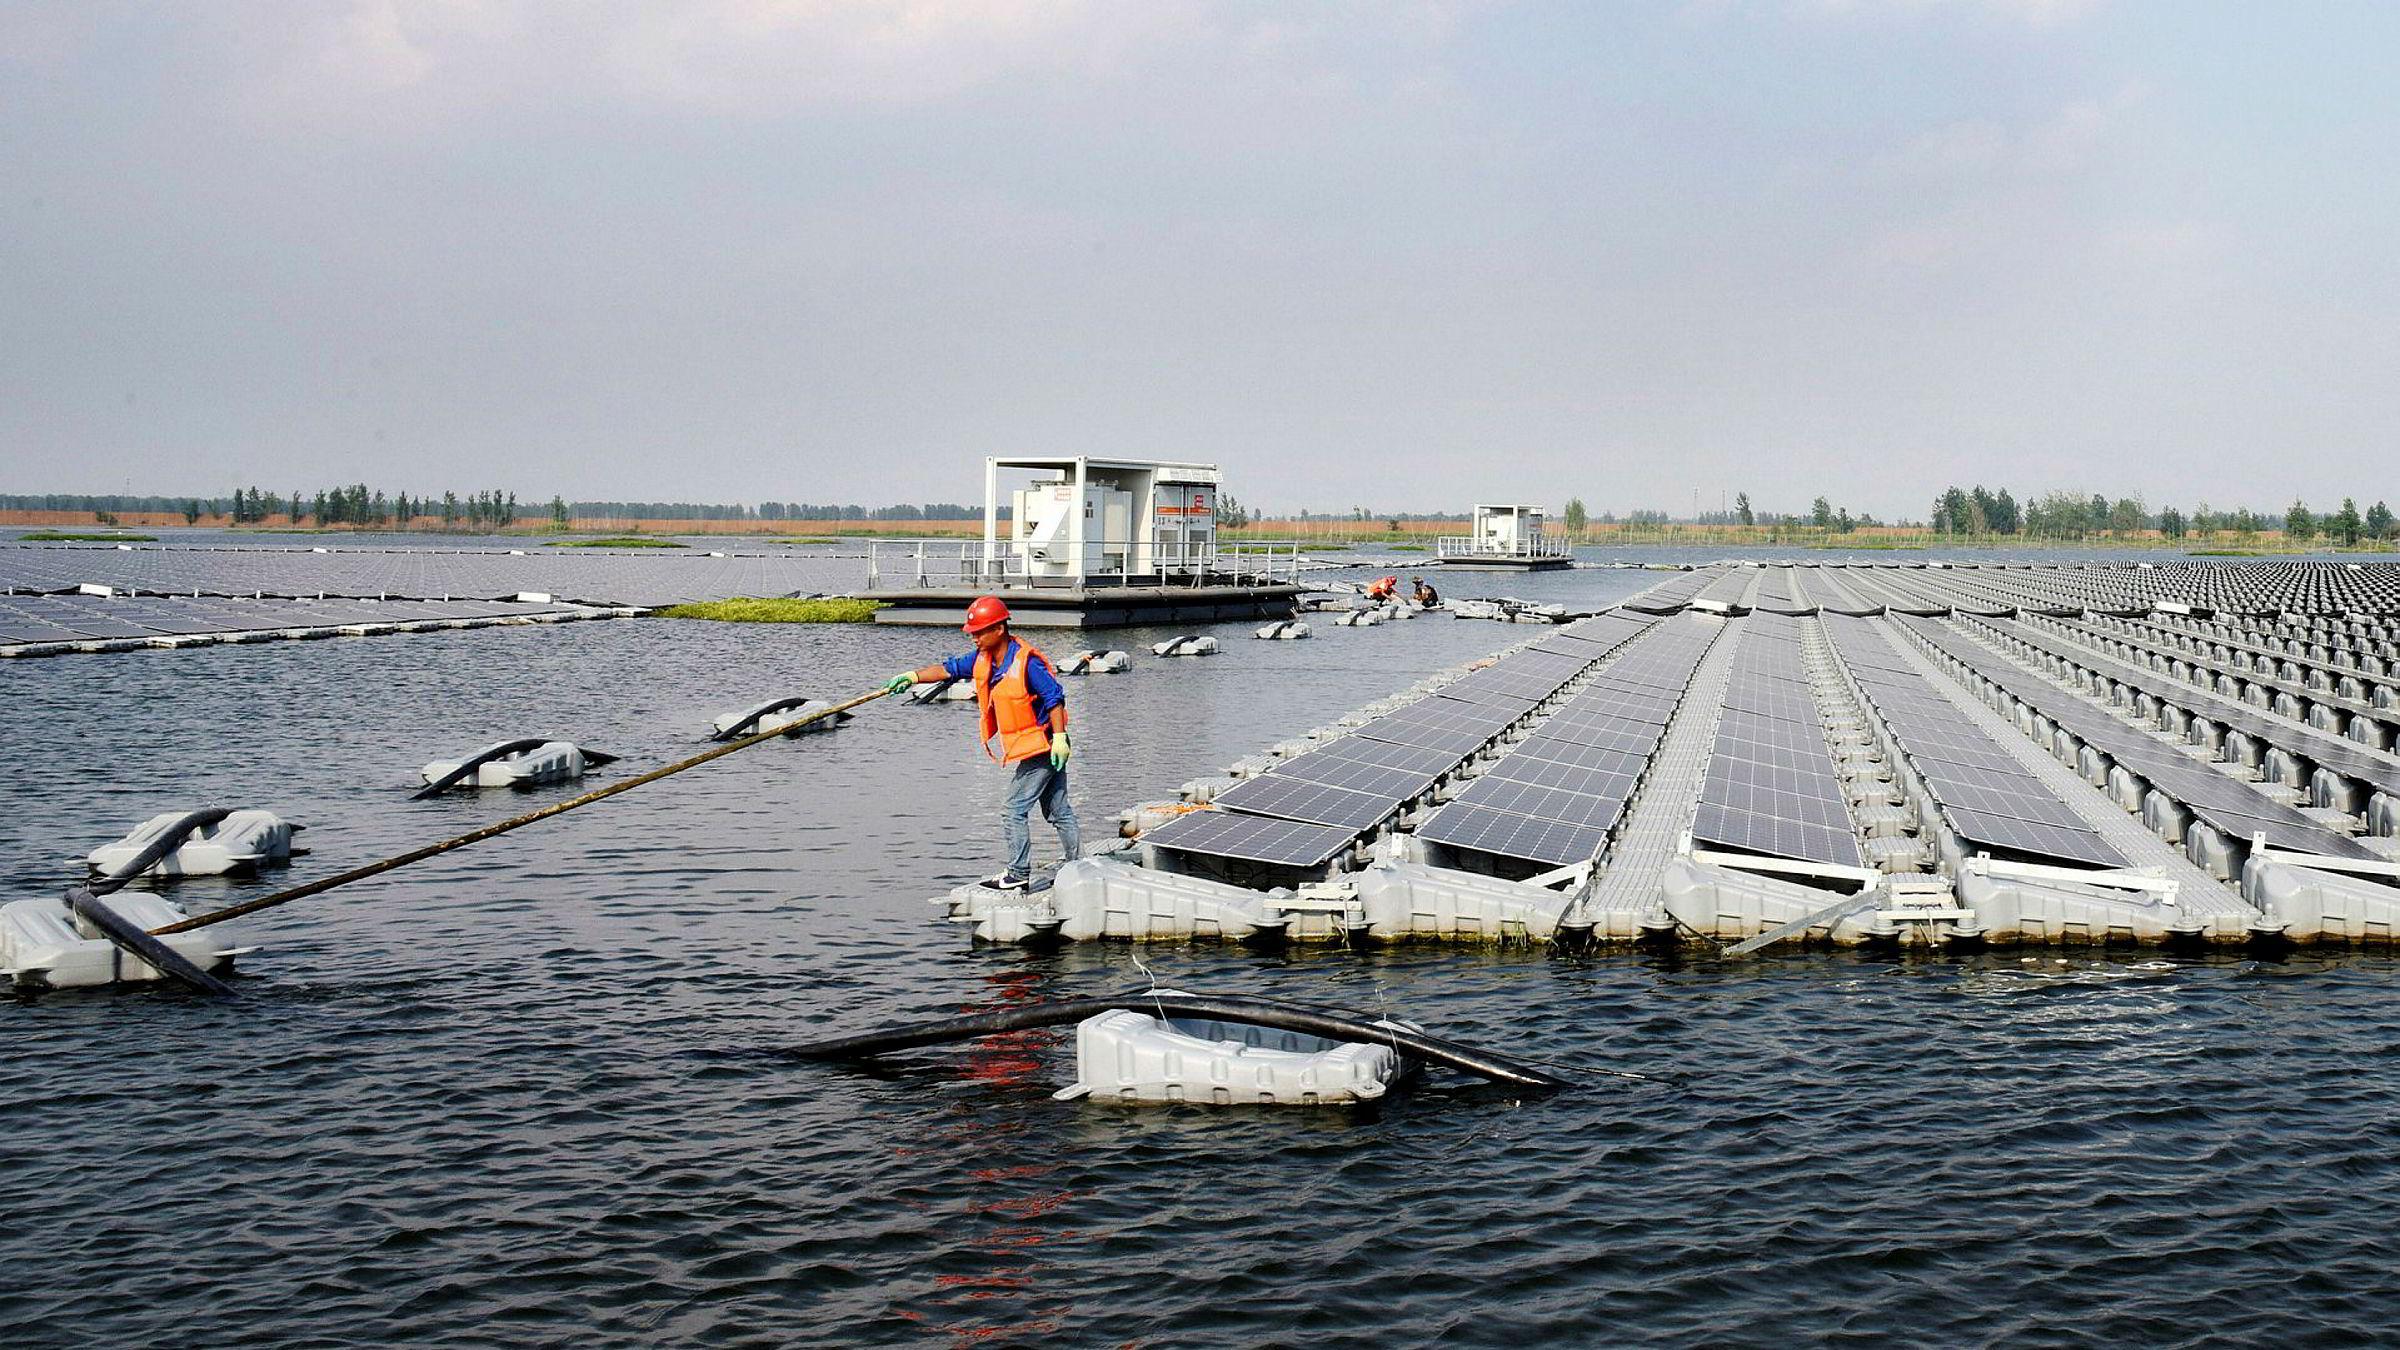 For ti år siden hadde Kina bygd ut 100 MW solpaneler, i fjor var det bygd ut i alt 77.000 MW. Kineserne står for det aller meste av ny utbygging av solenergi, her en flytende solpanelpark i Kina.